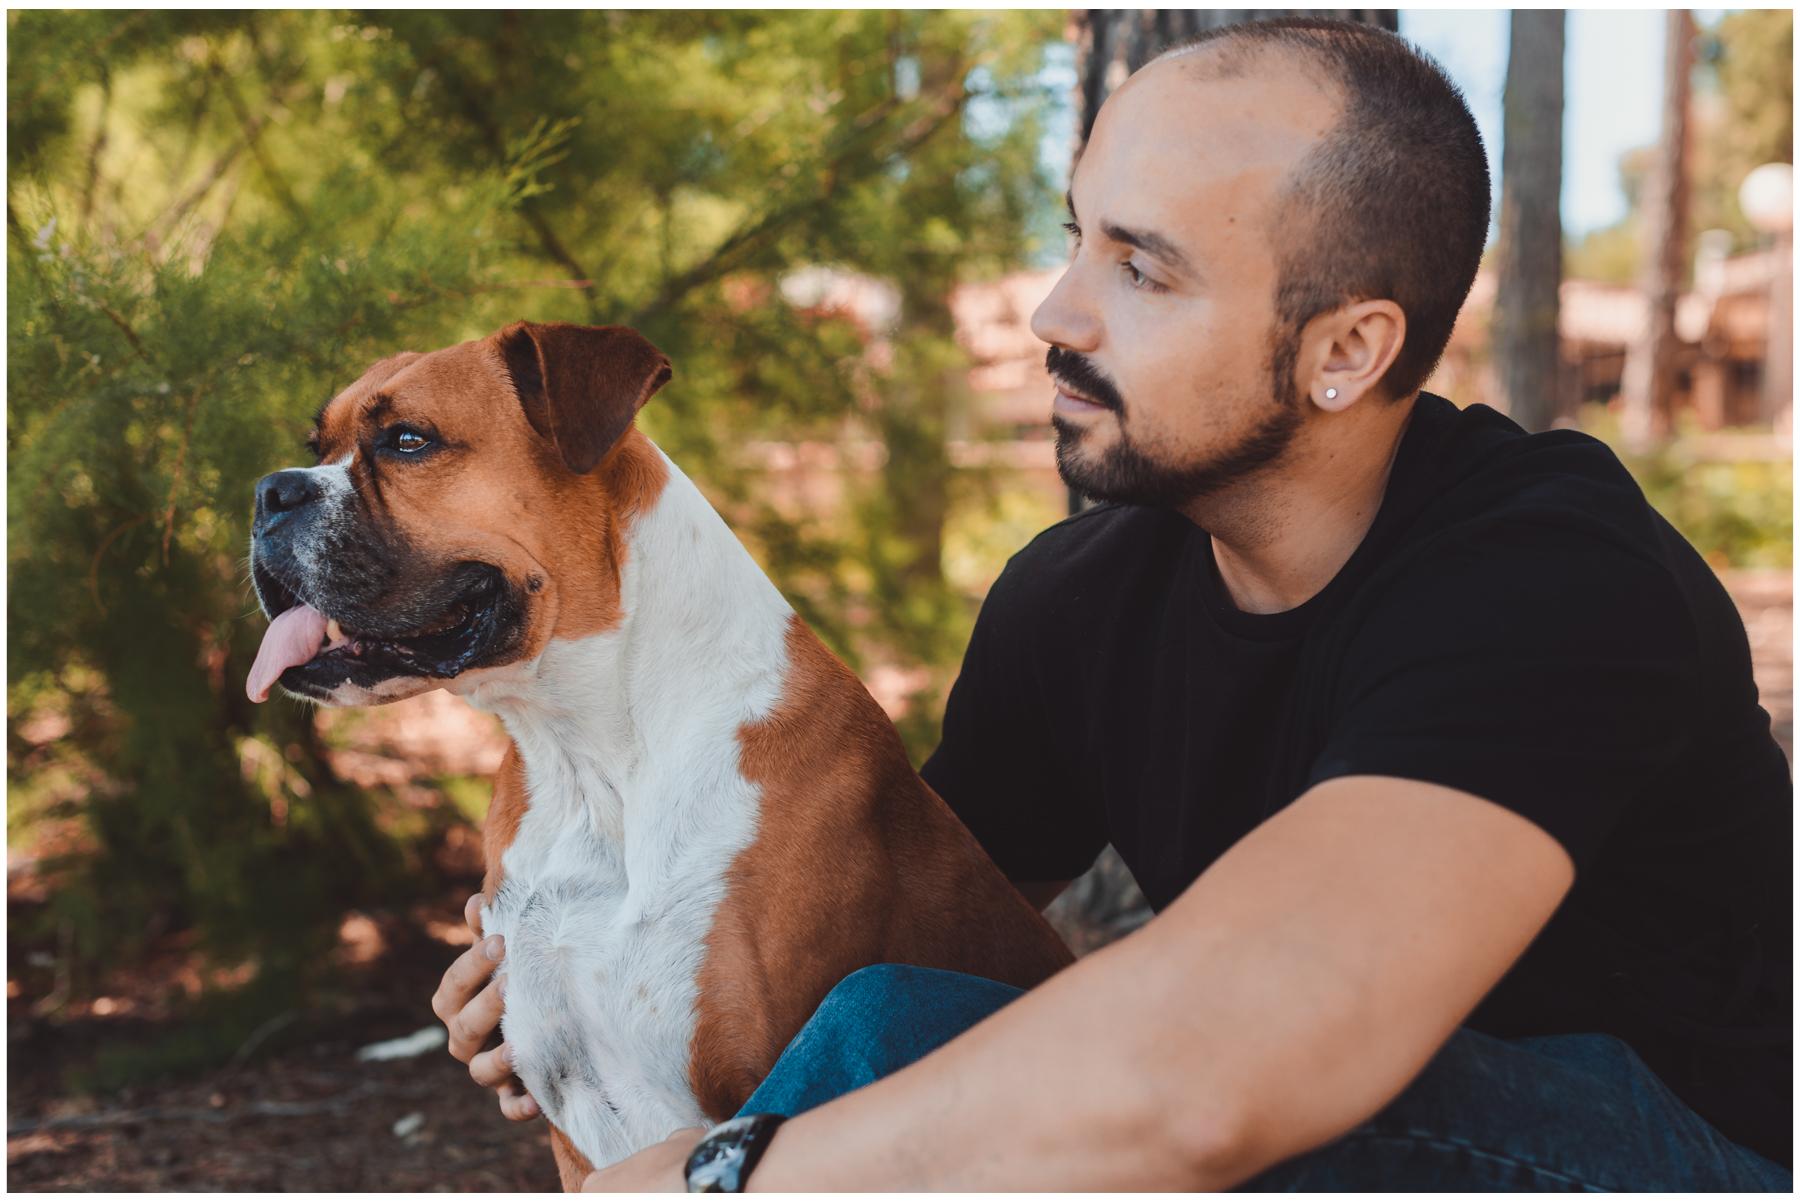 Nala-Retrato-Mascotas-Perros_Jose-Angel-Fotografia-537.jpg